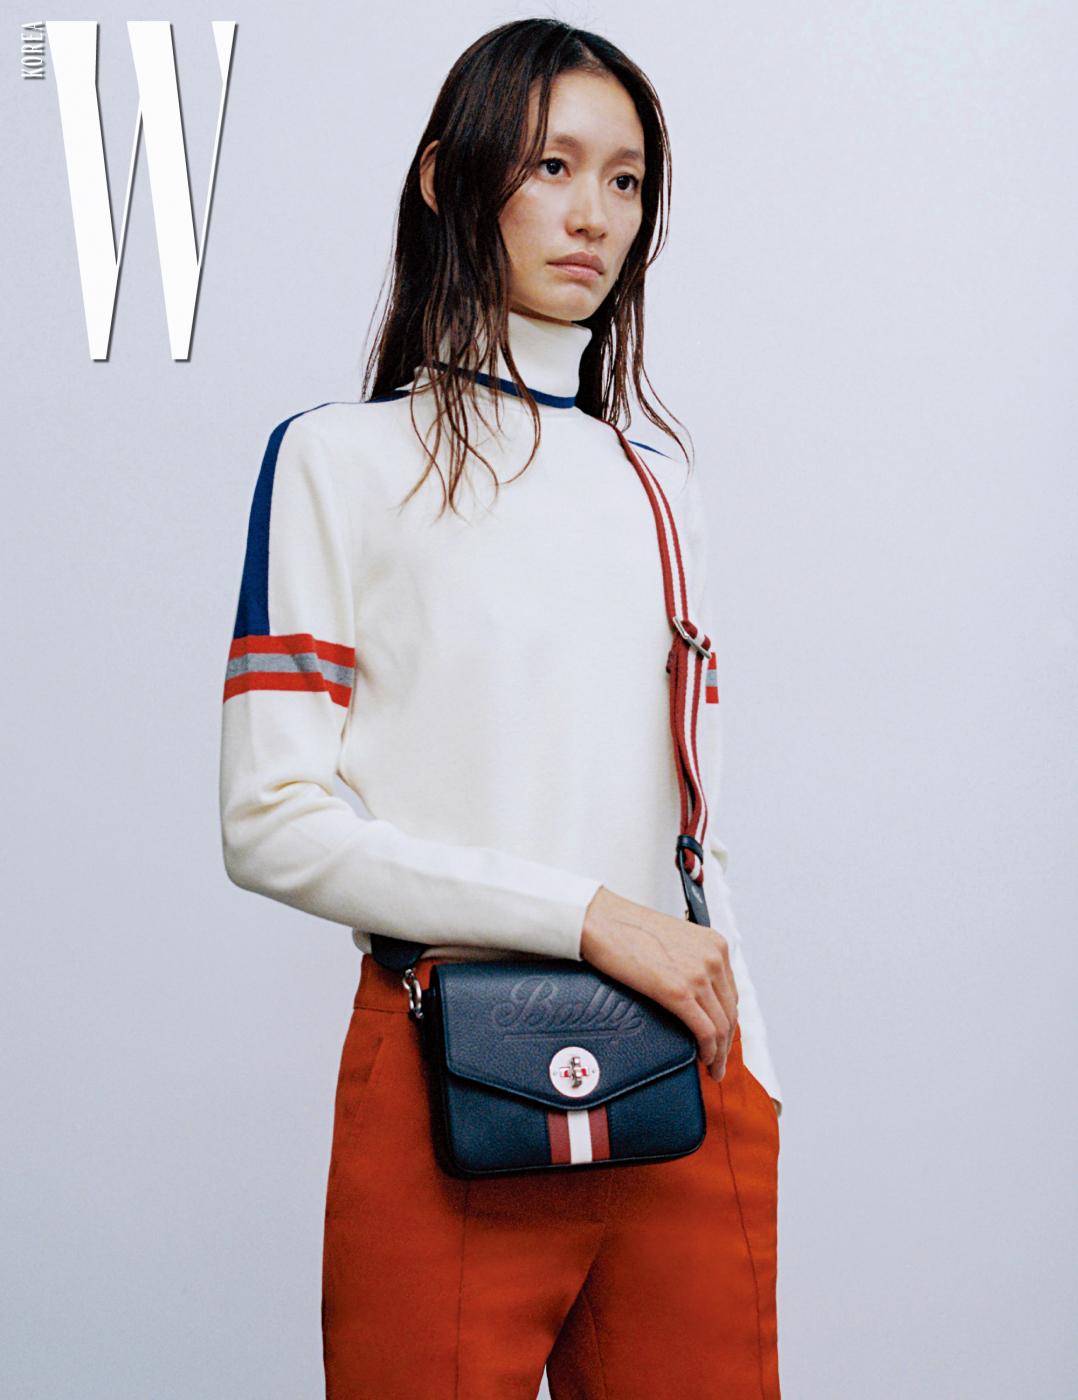 박세라가 든 음각 처리한 로고와 줄무늬가 클래식한 '타시아' 백, 의상은 모두 Bally 제품.